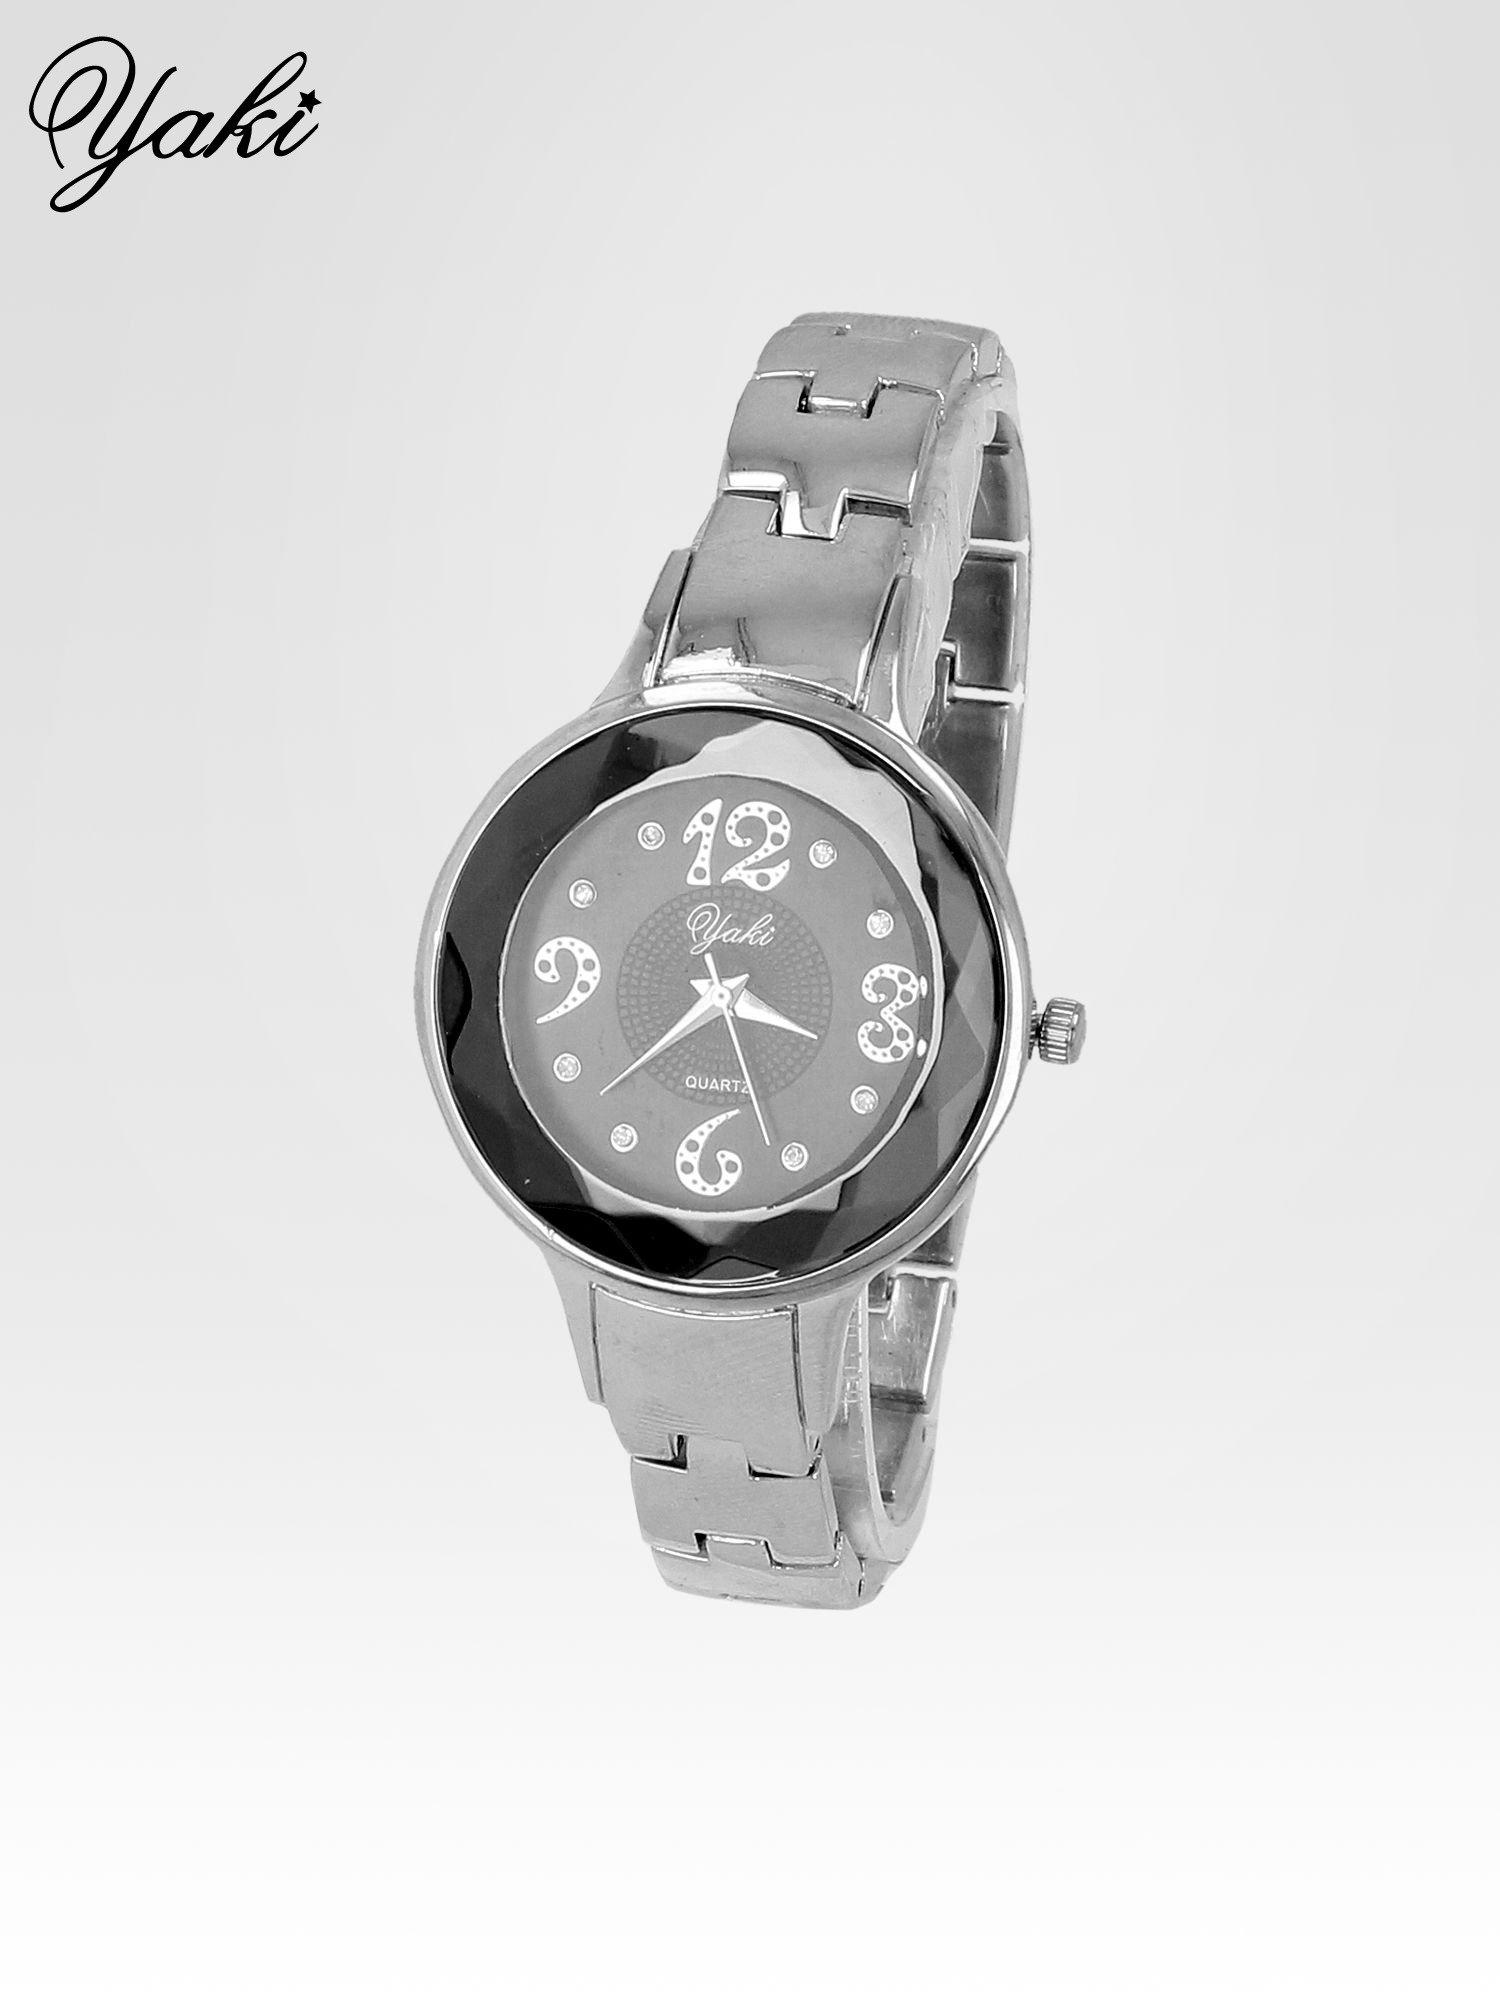 Zegarek damski na bransolecie z okrągłą kopertą z cyrkoniami w kolorze srebra                                  zdj.                                  2